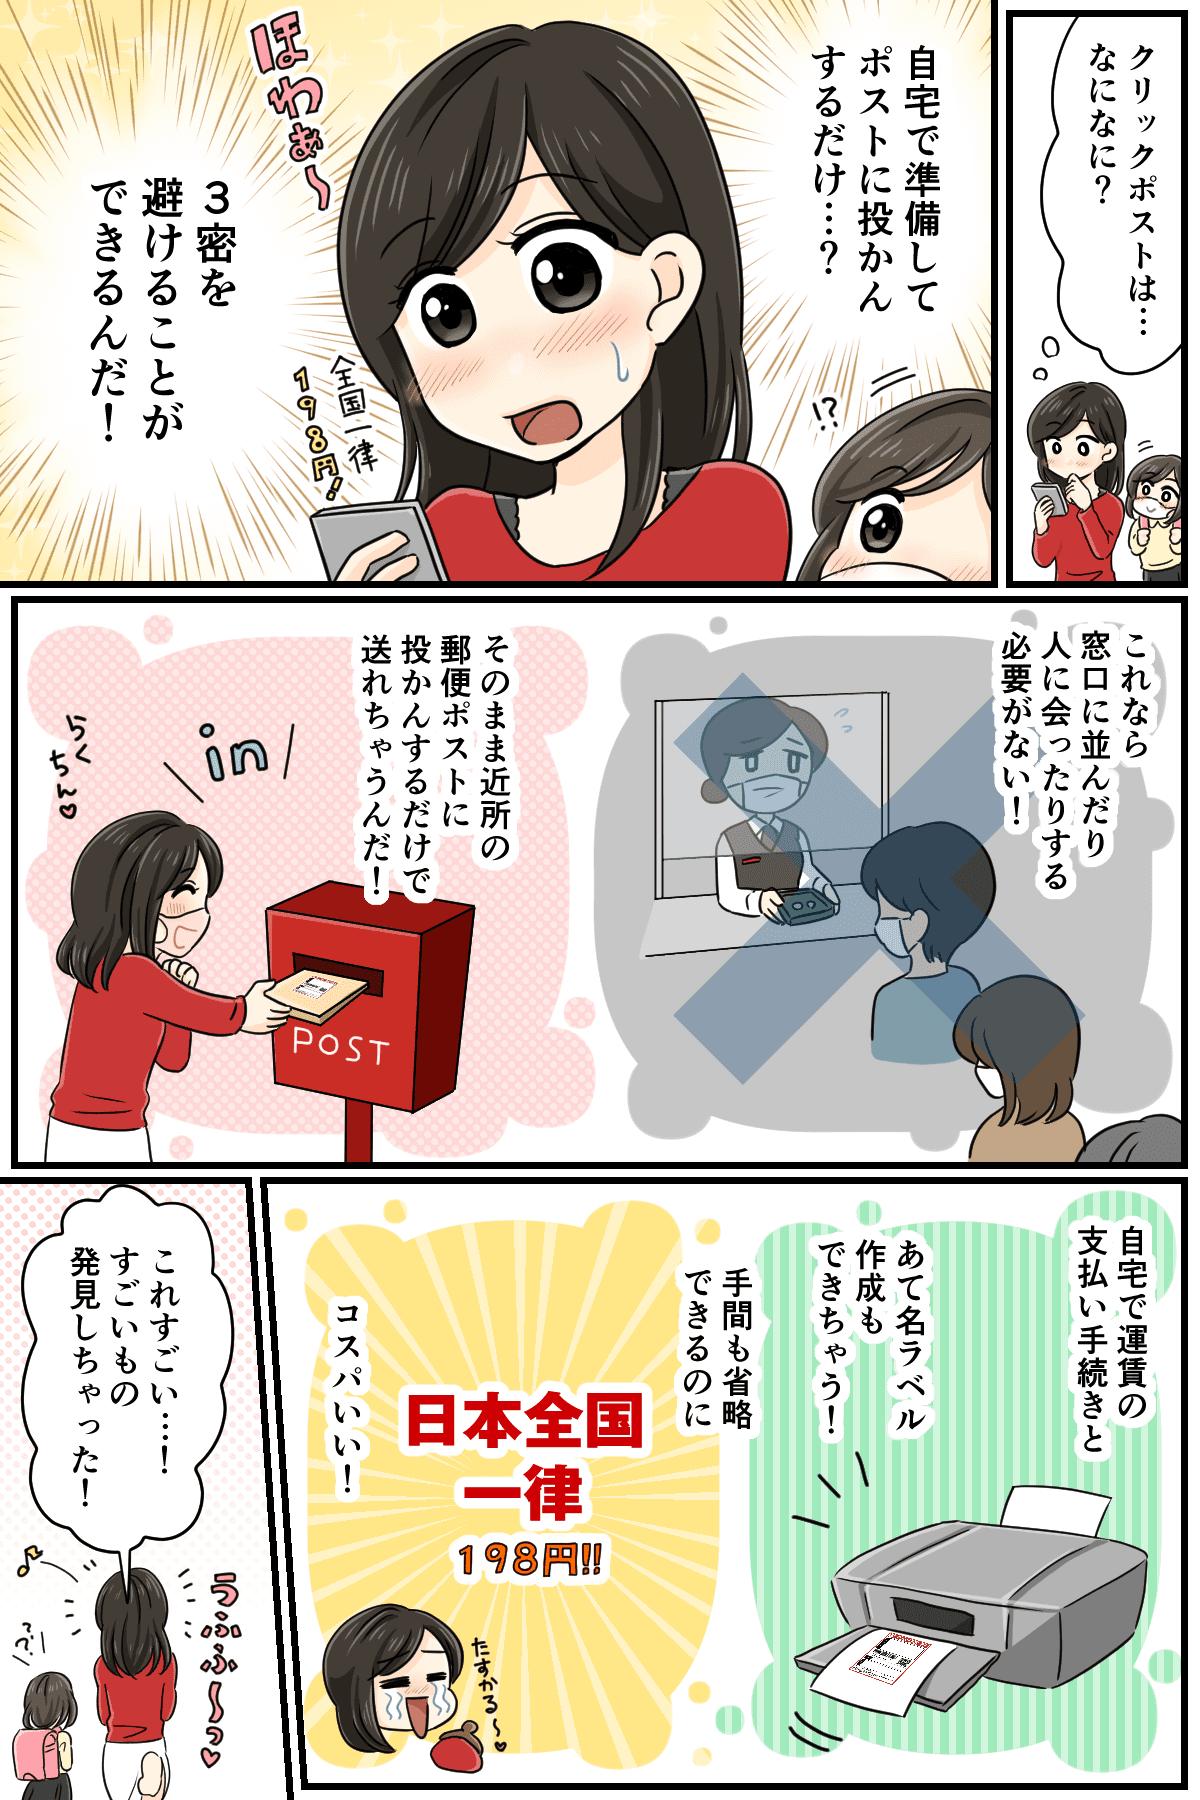 クリックポスト_漫画_着彩_3_修正版12